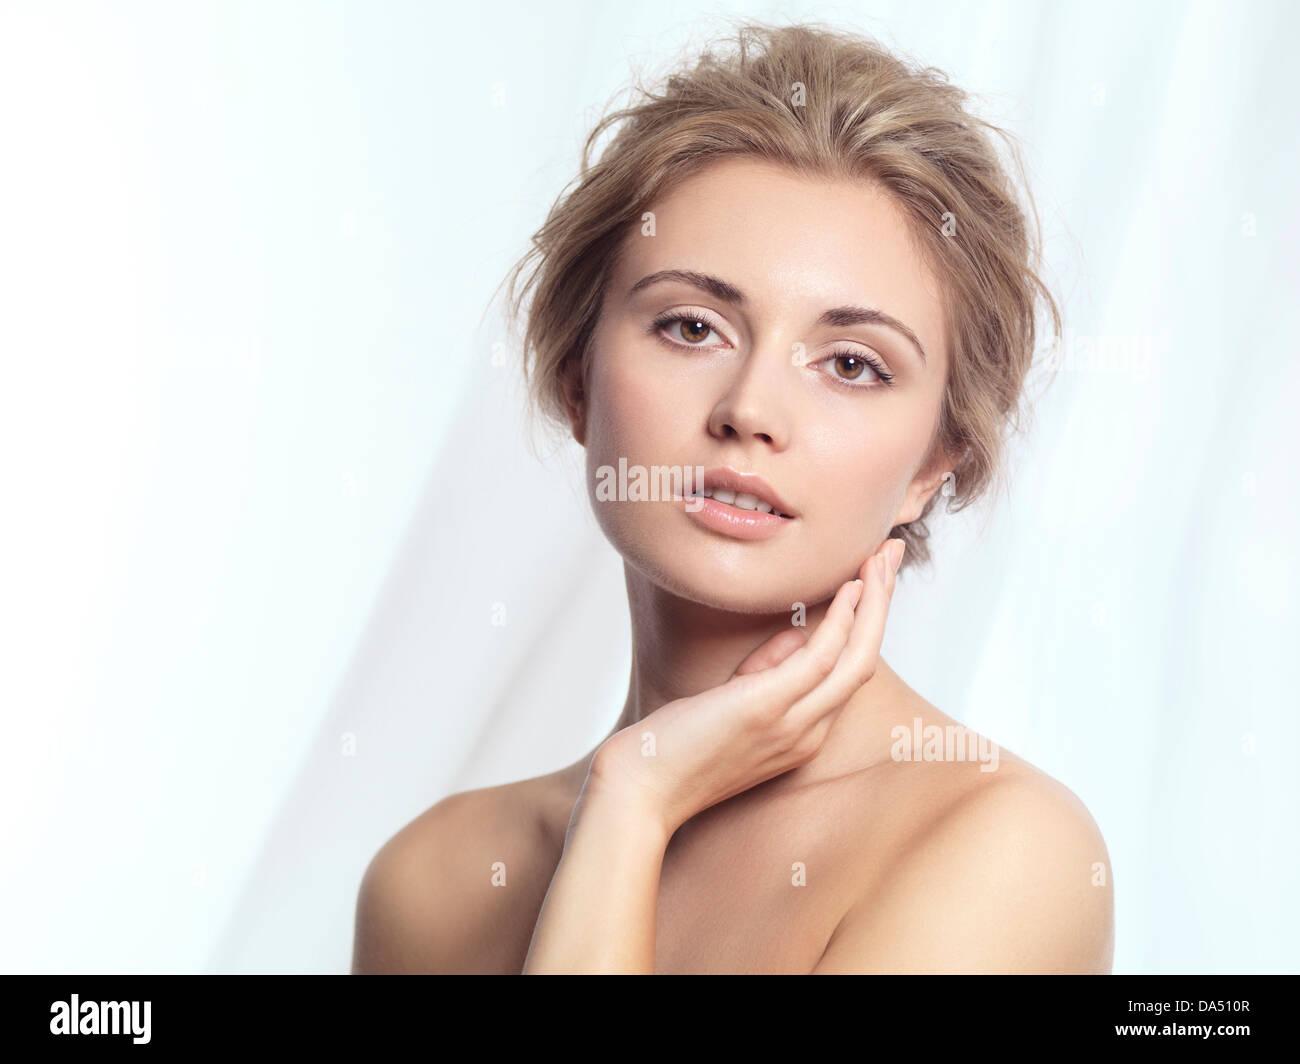 Portrait of a young woman face détendue avec les produits de maquillage et coiffure contemporaine propre au Photo Stock